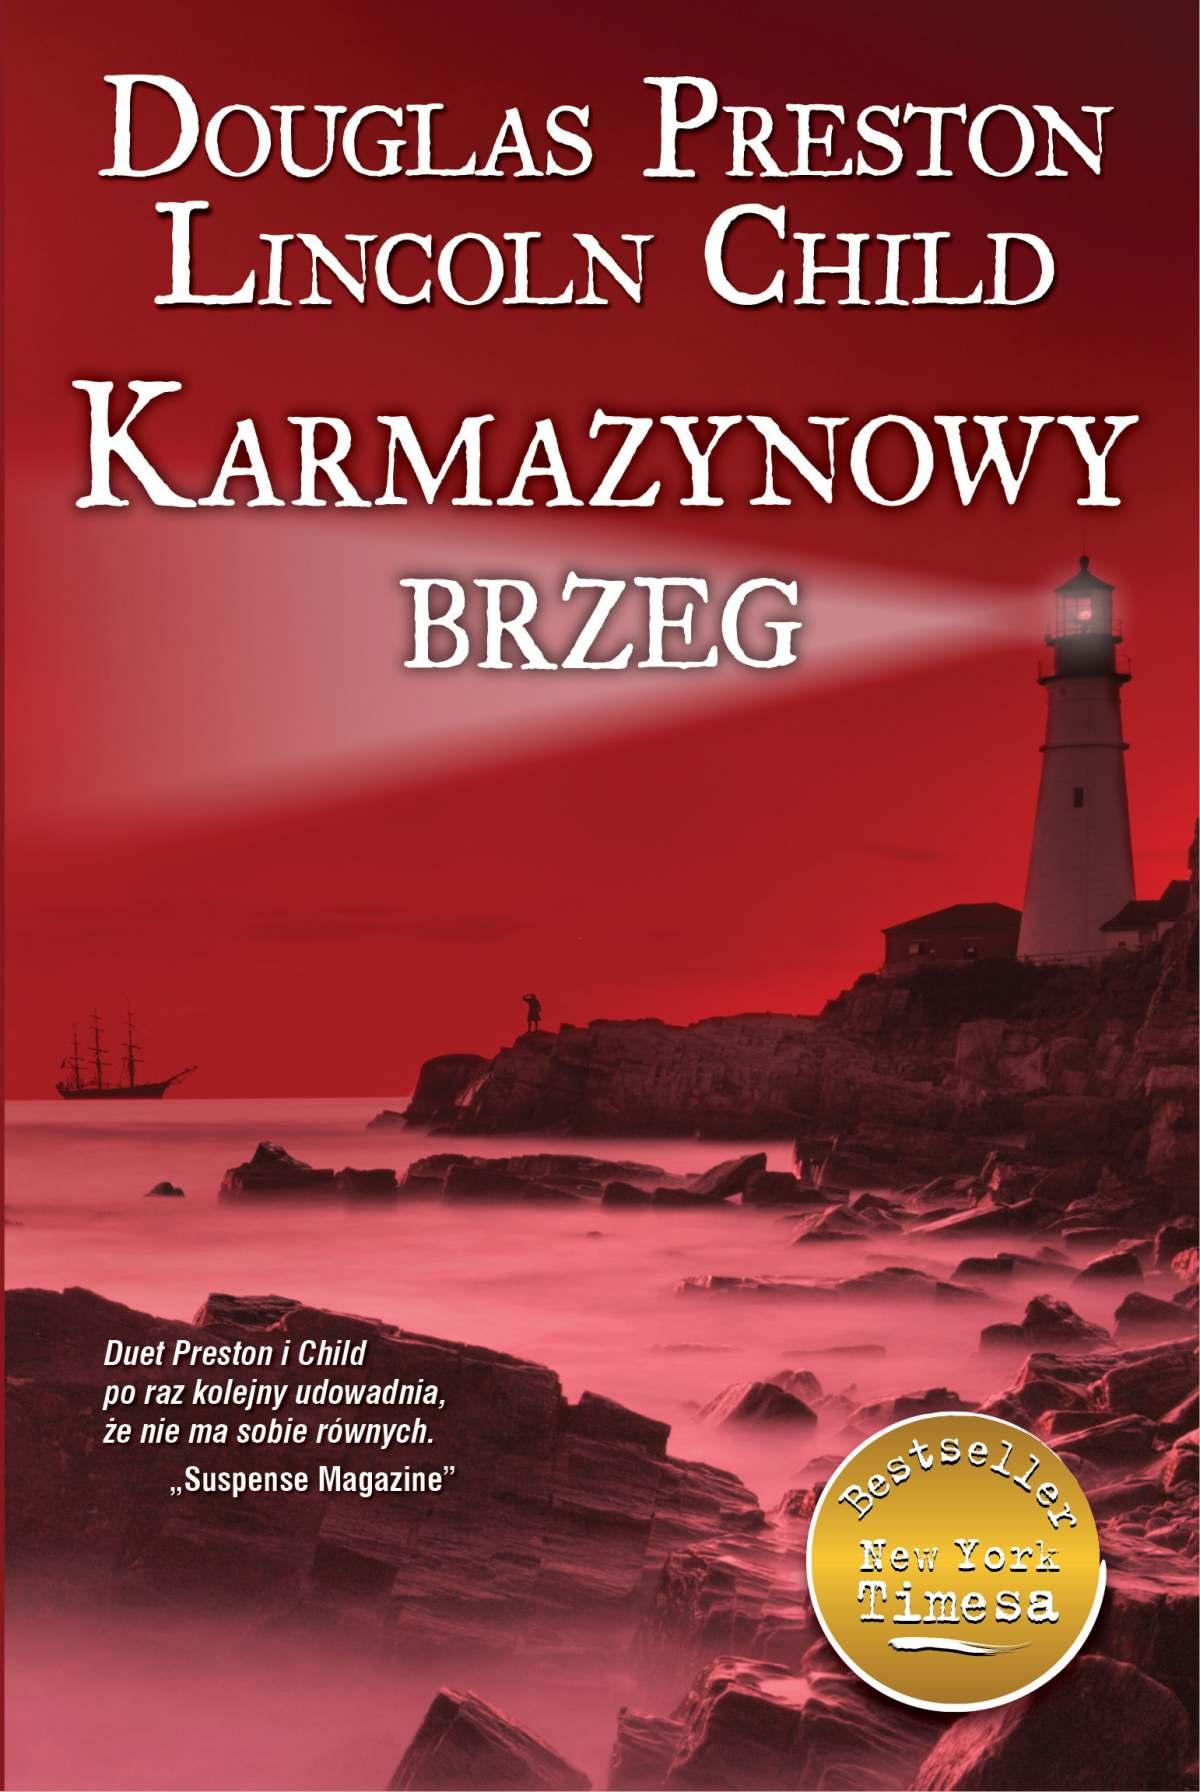 Karmazynowy brzeg - Ebook (Książka EPUB) do pobrania w formacie EPUB